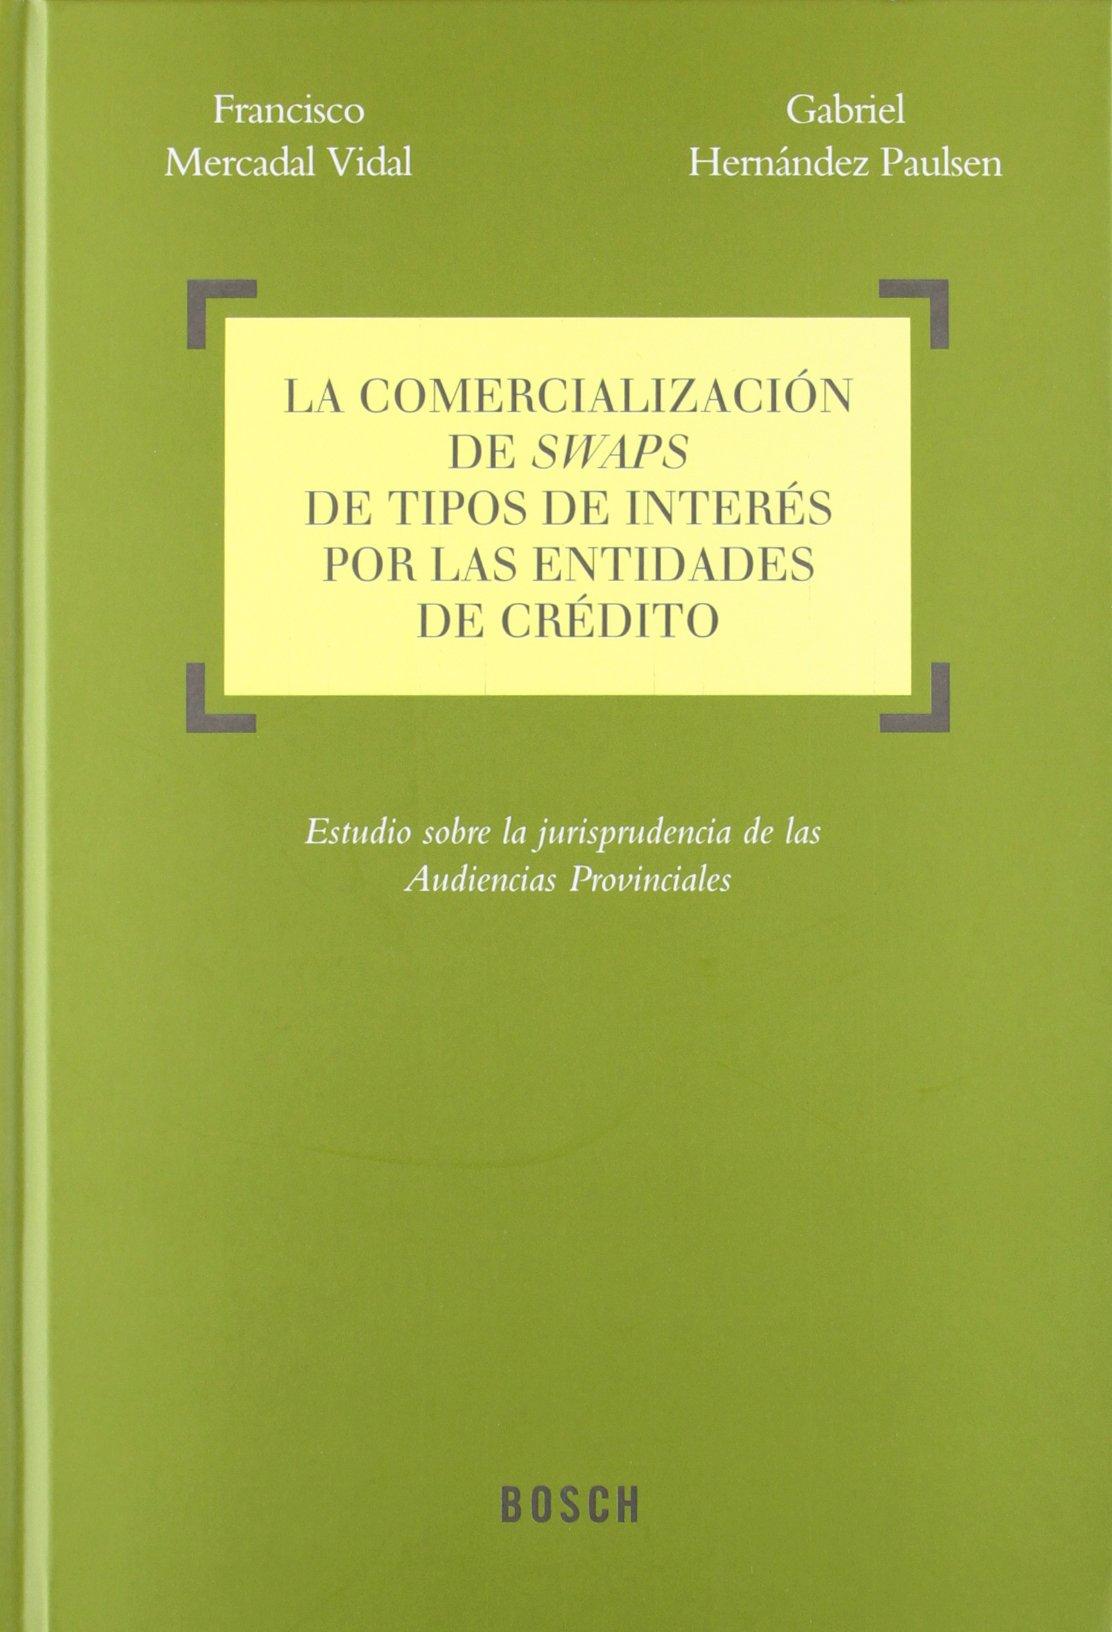 La comercialización de swaps de tipos de interés por las entidades de crédito: estudio sobre la jurisprudencia de las Audiencias Provinciales PDF